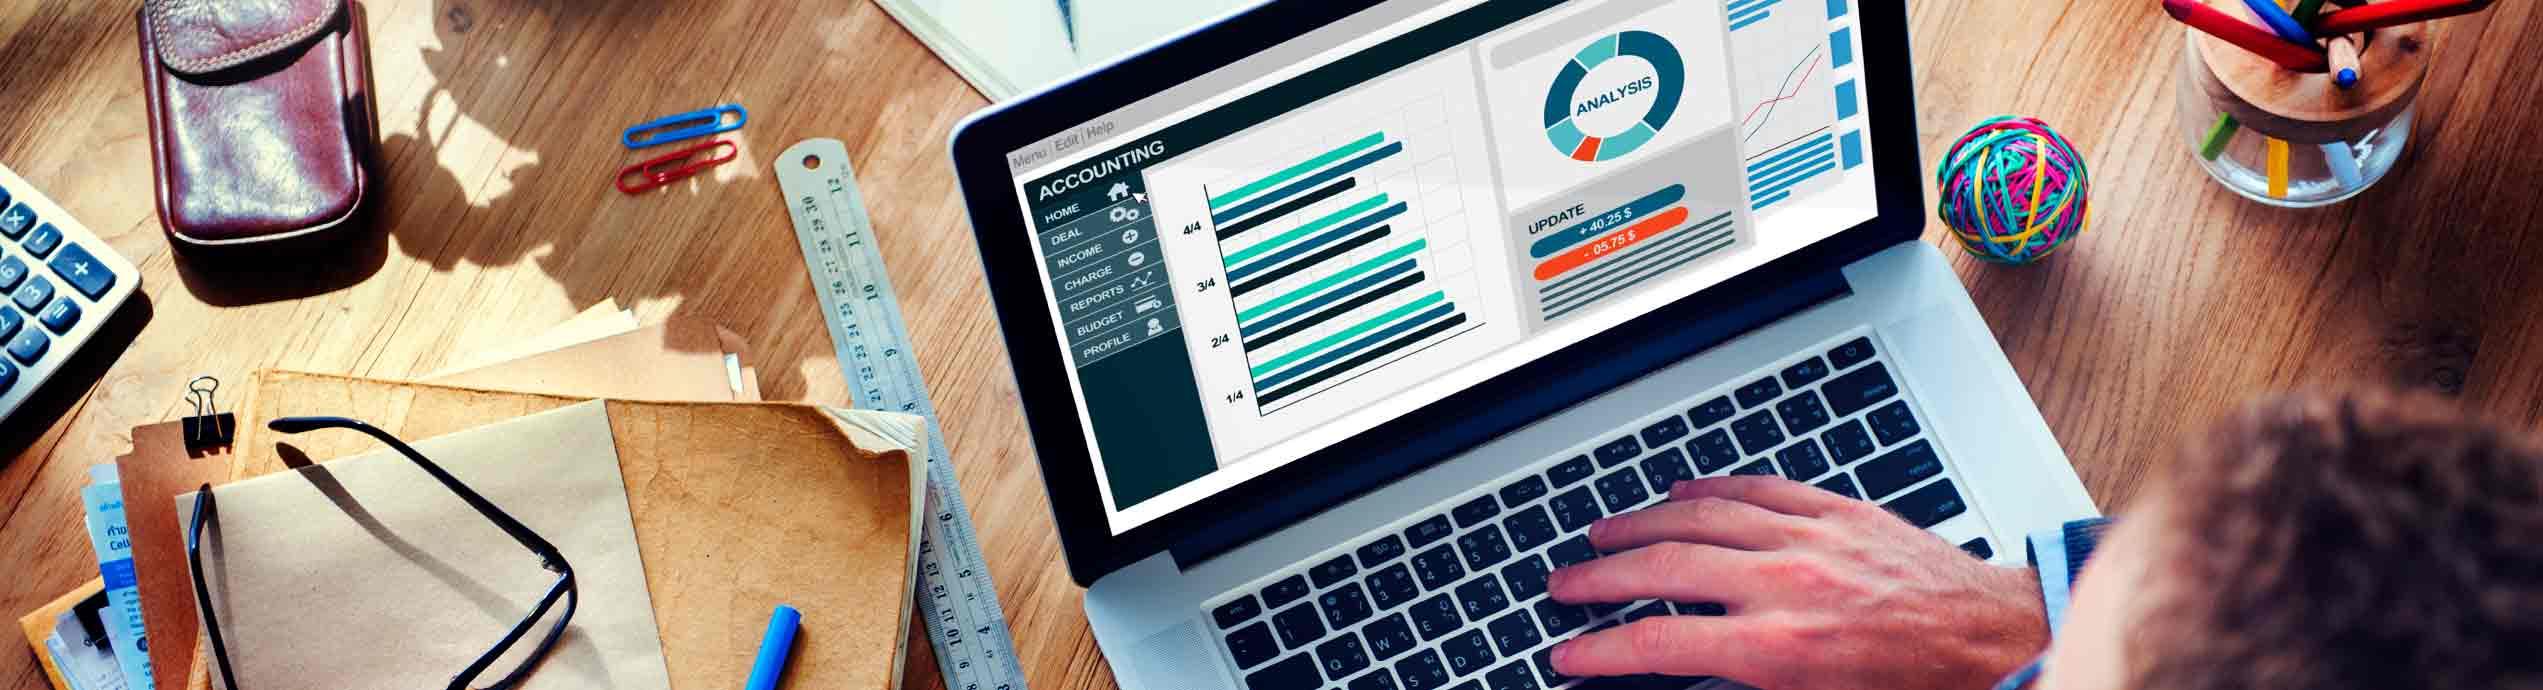 Cursos para estudiar economía online